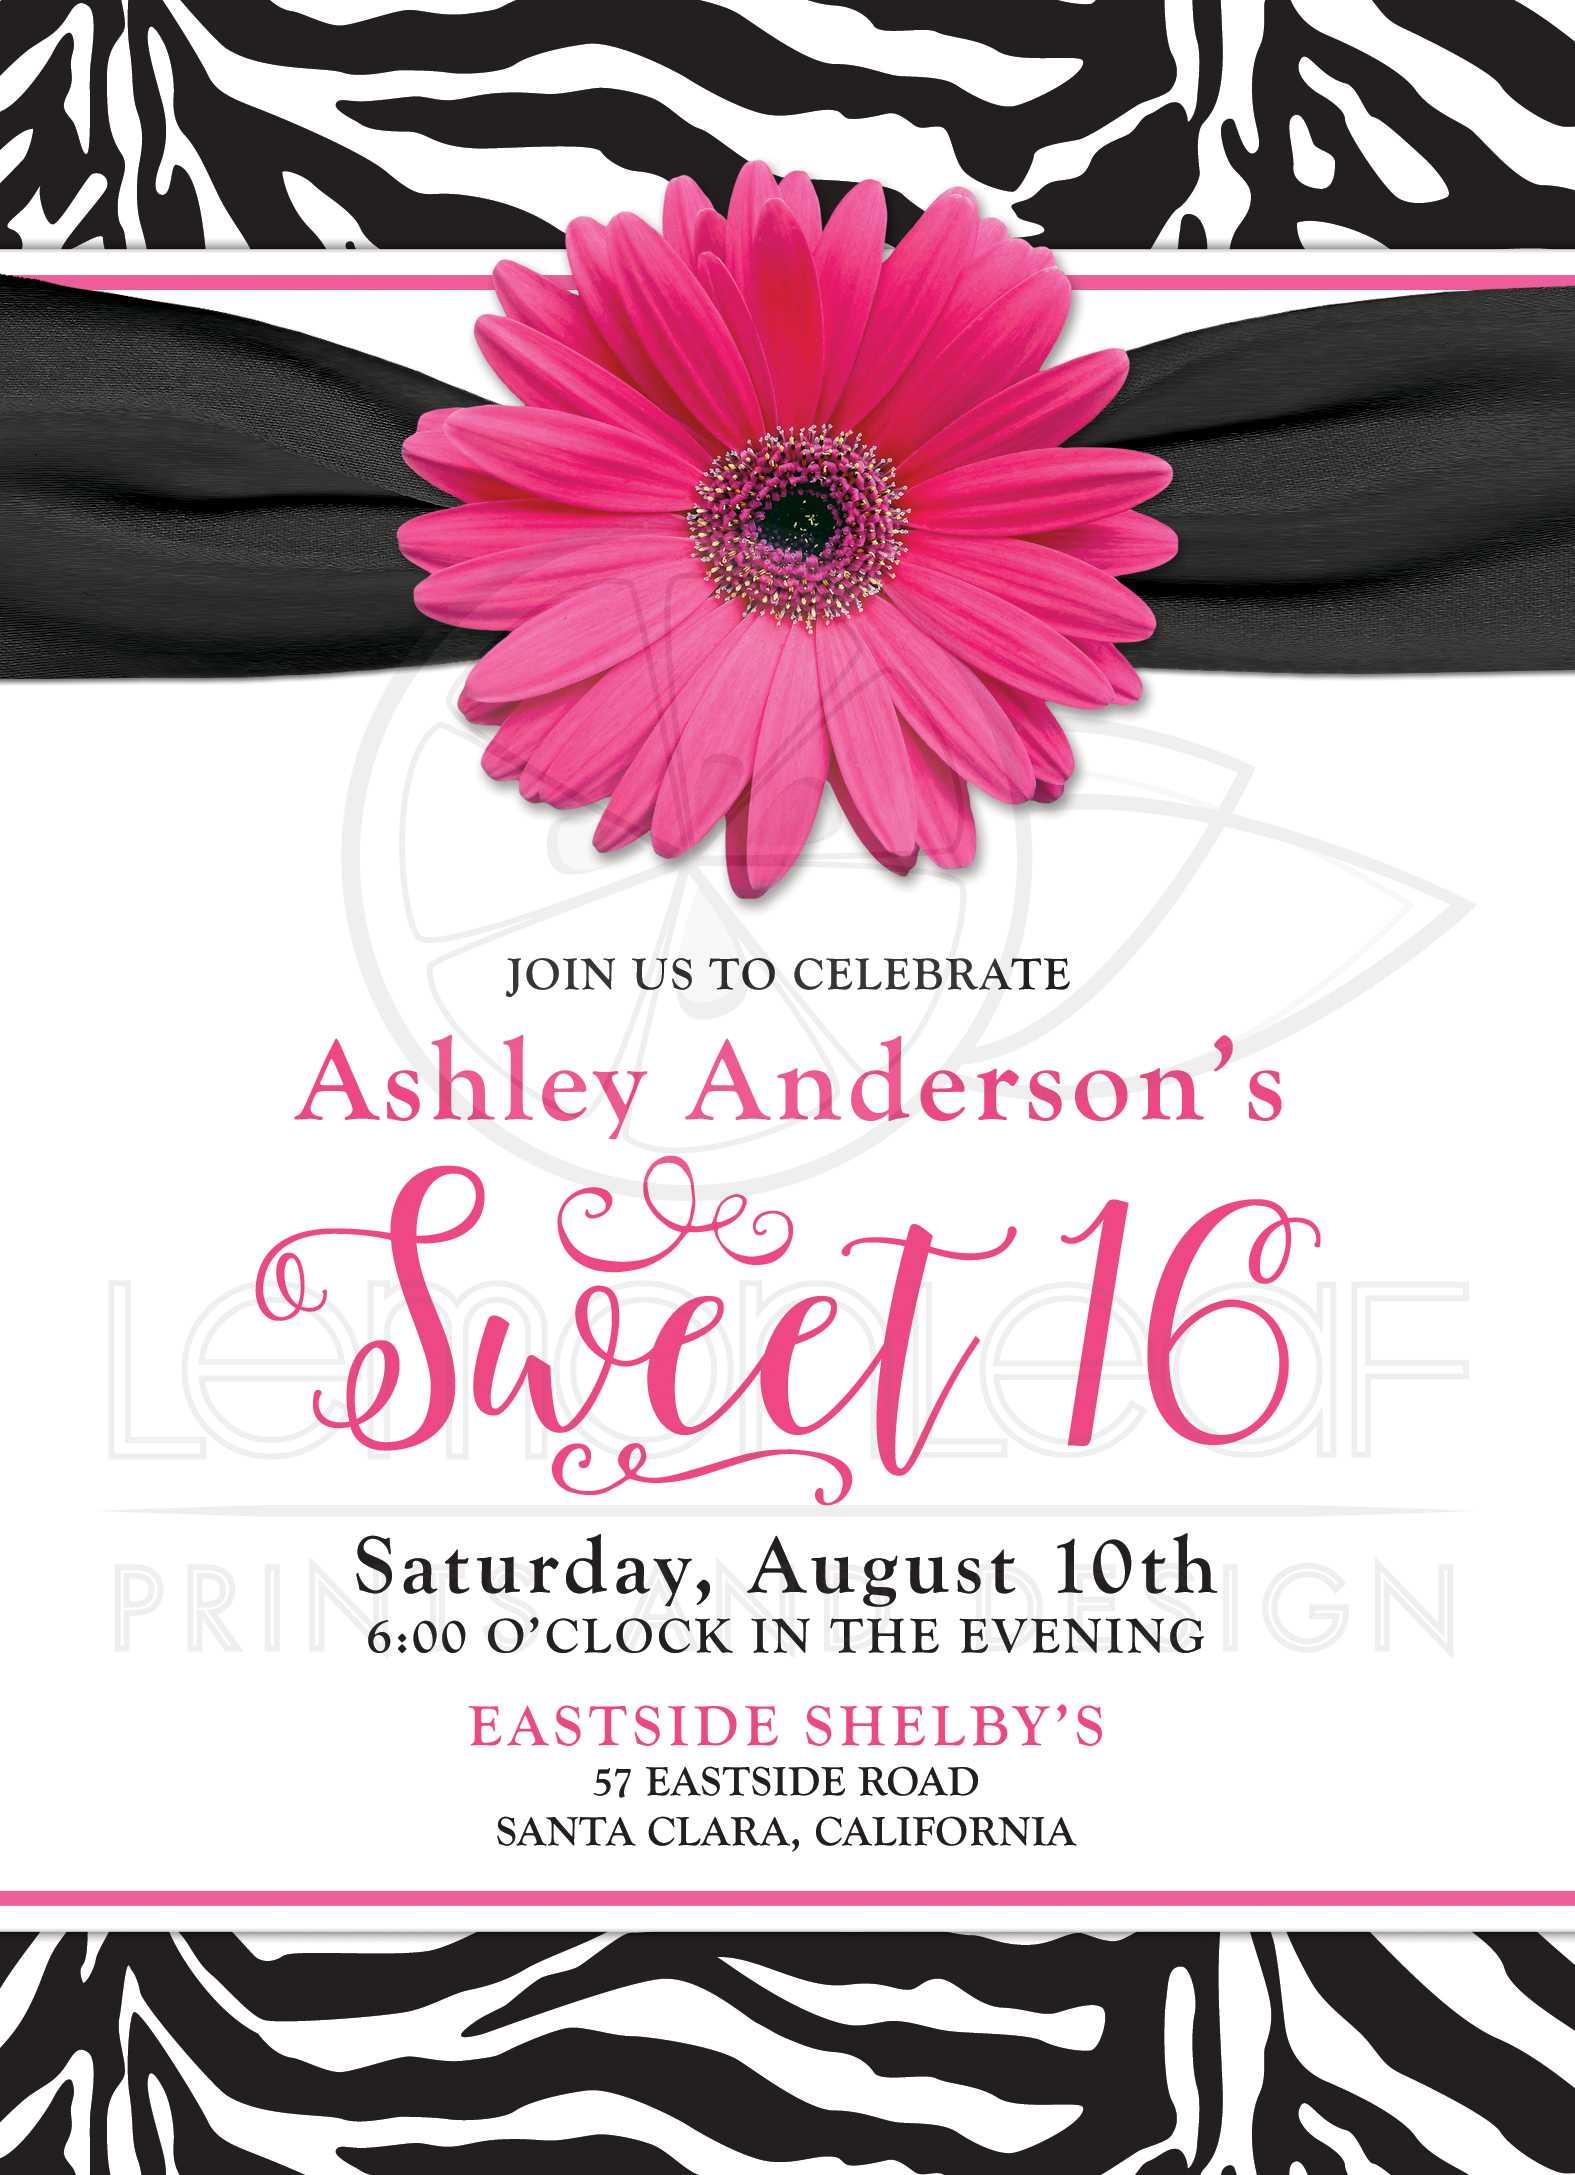 Chic Sweet 16 Birthday Invitation – Zebra Print Birthday Invitations